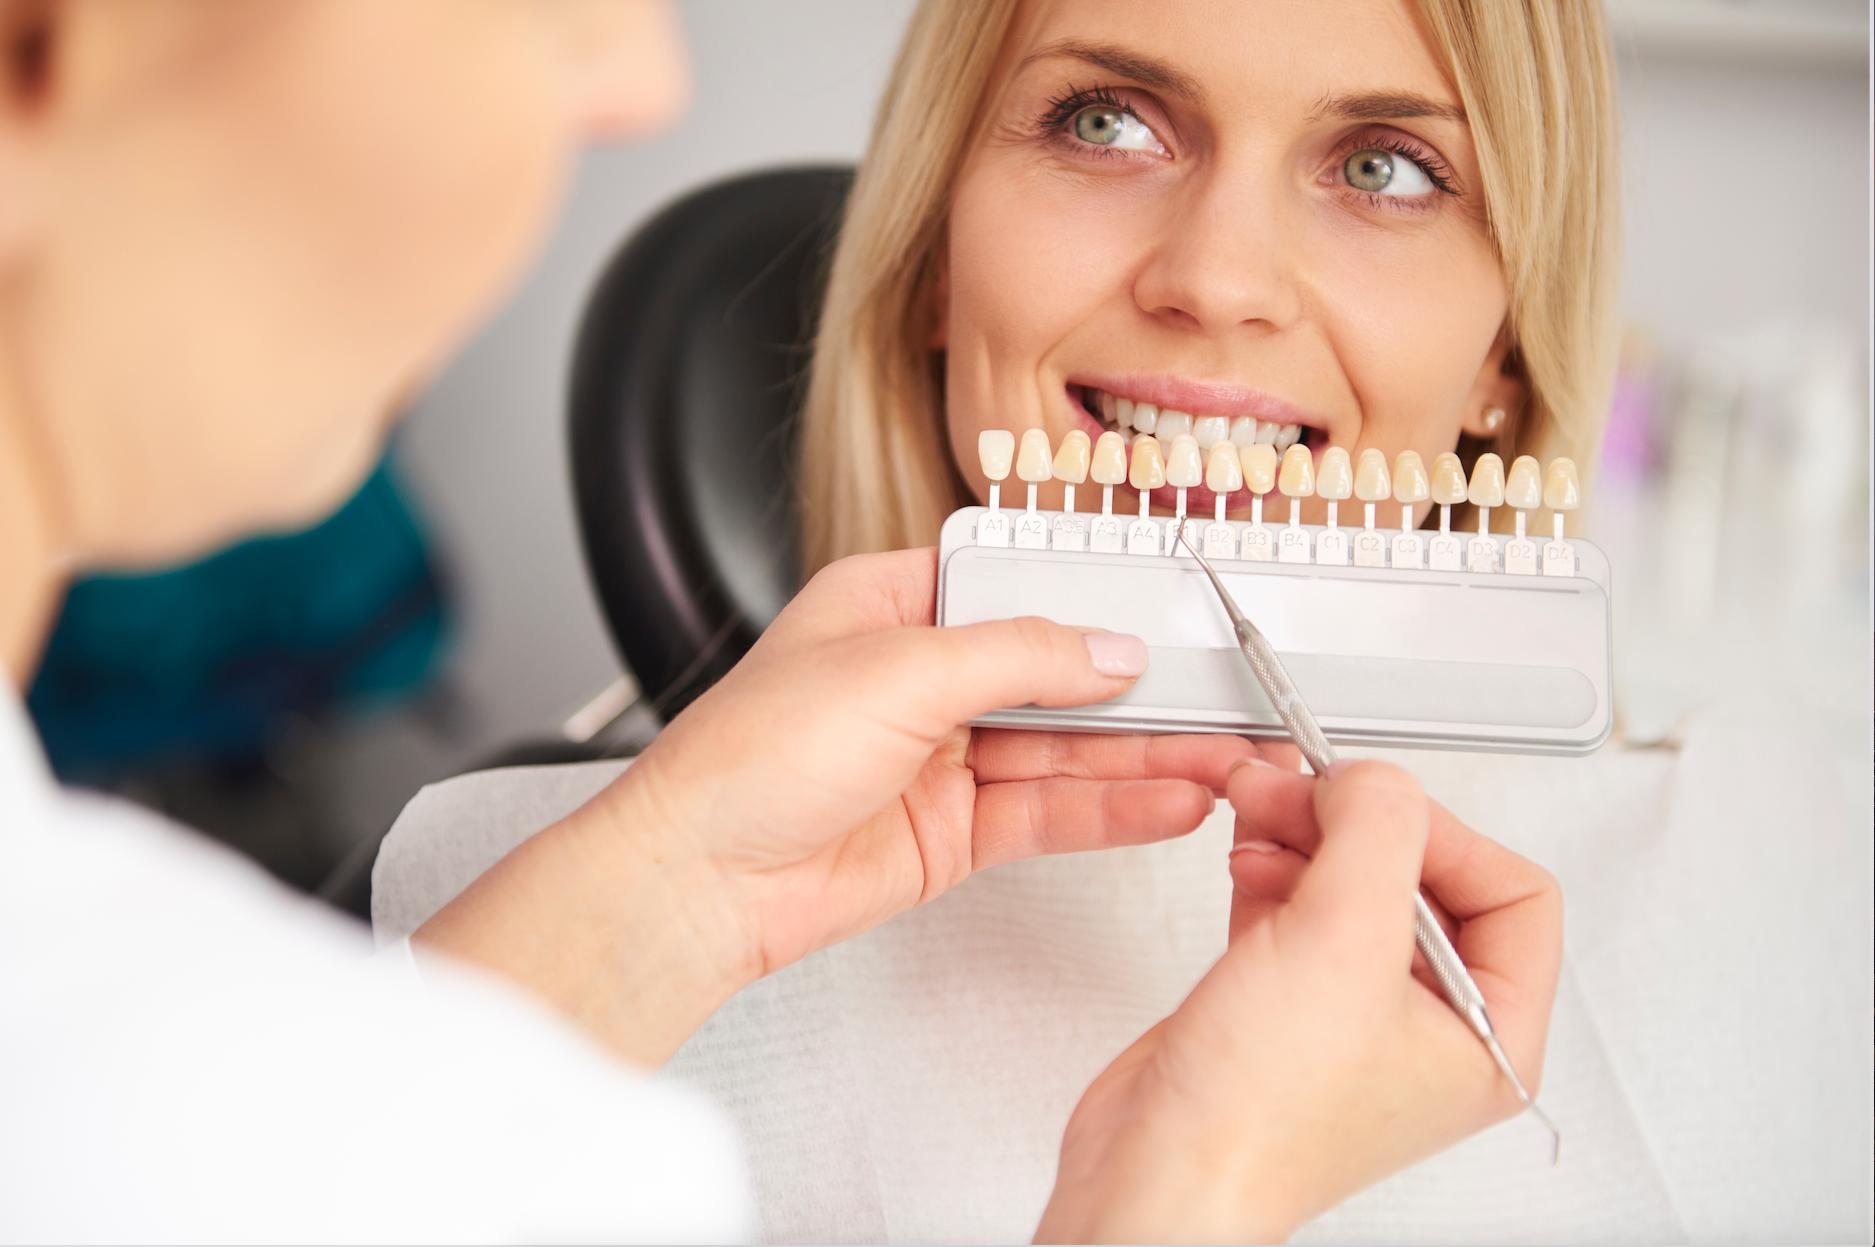 Femme qui reçoit une consultation pour la couleur de ses dents.